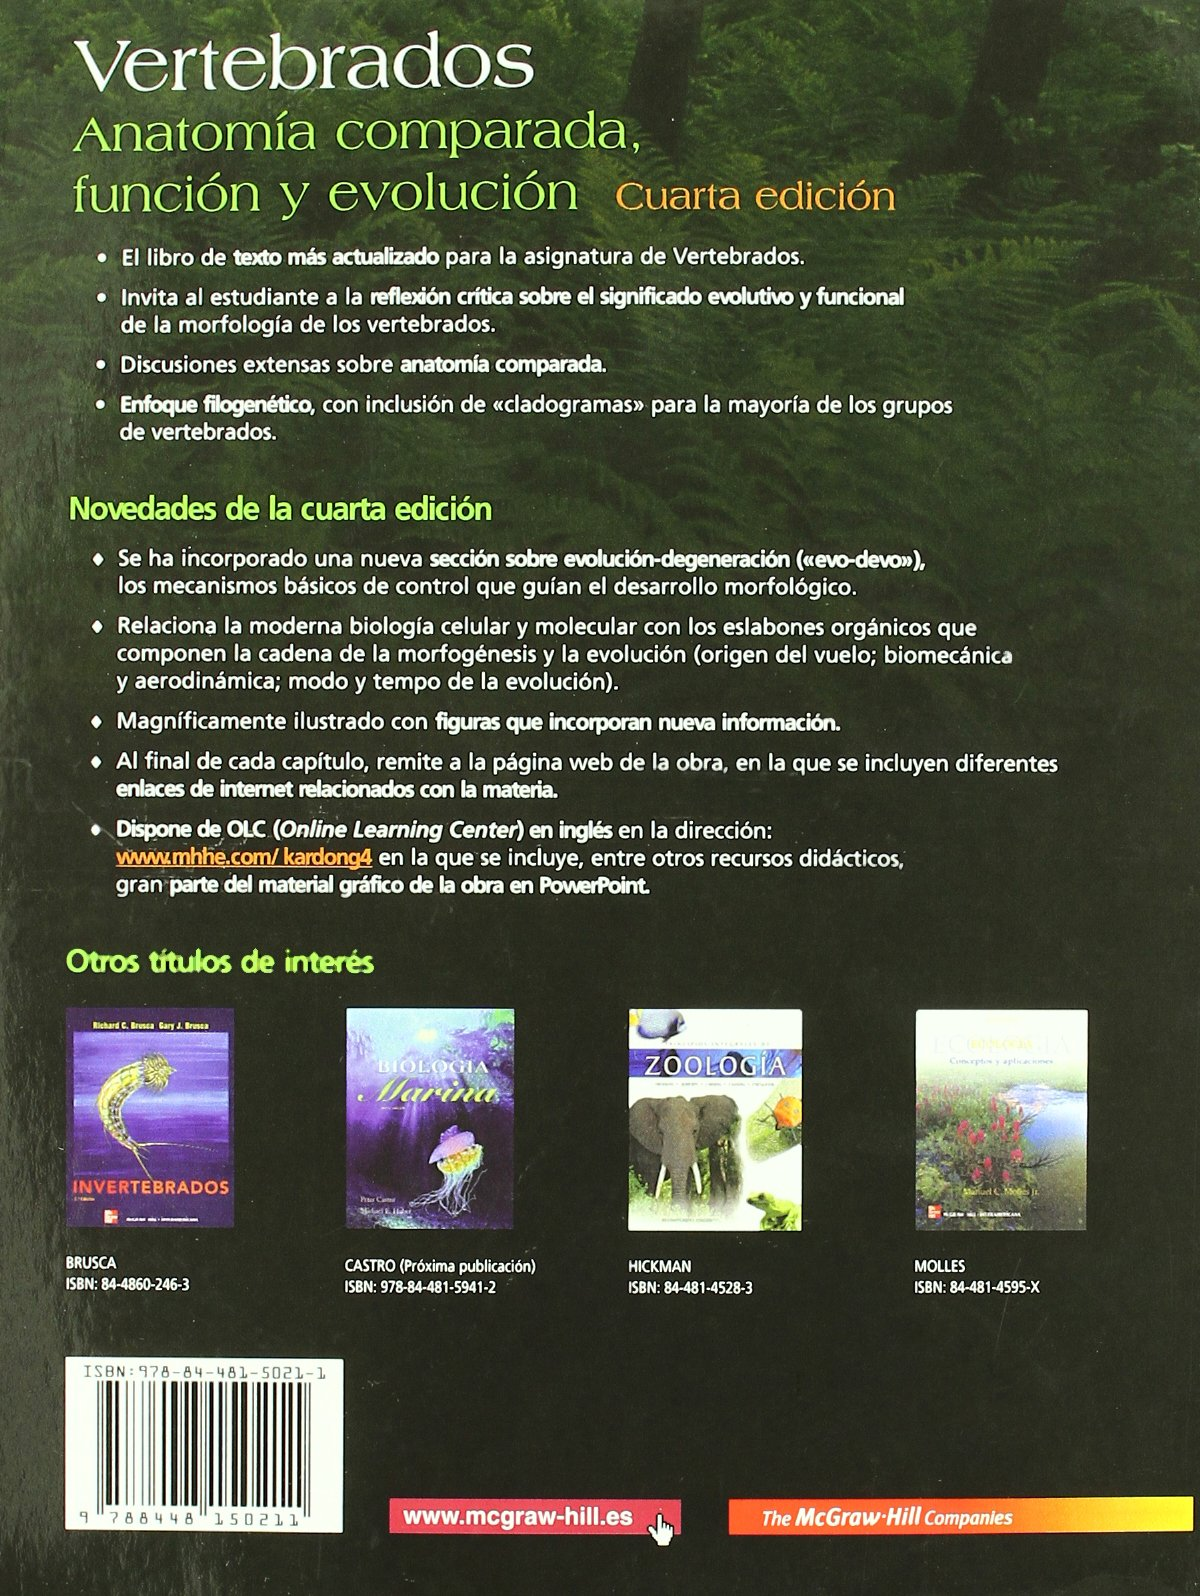 VERTEBRADOS: ANATOMIA COMPARADA. FUNCION Y EVOLUCION: Amazon.es ...